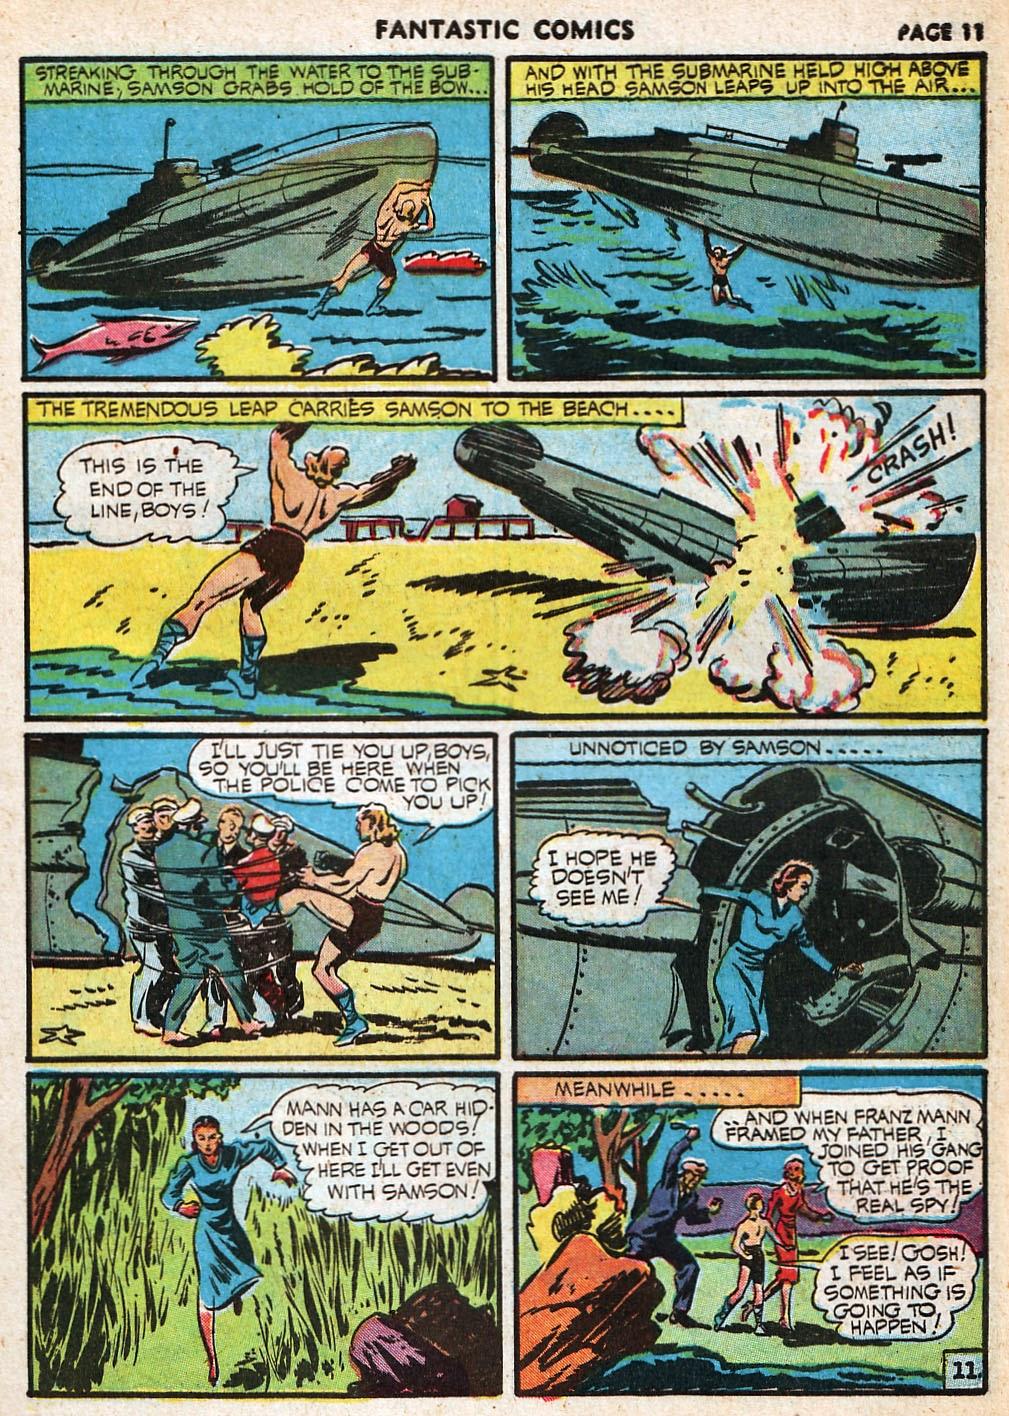 Read online Fantastic Comics comic -  Issue #20 - 12